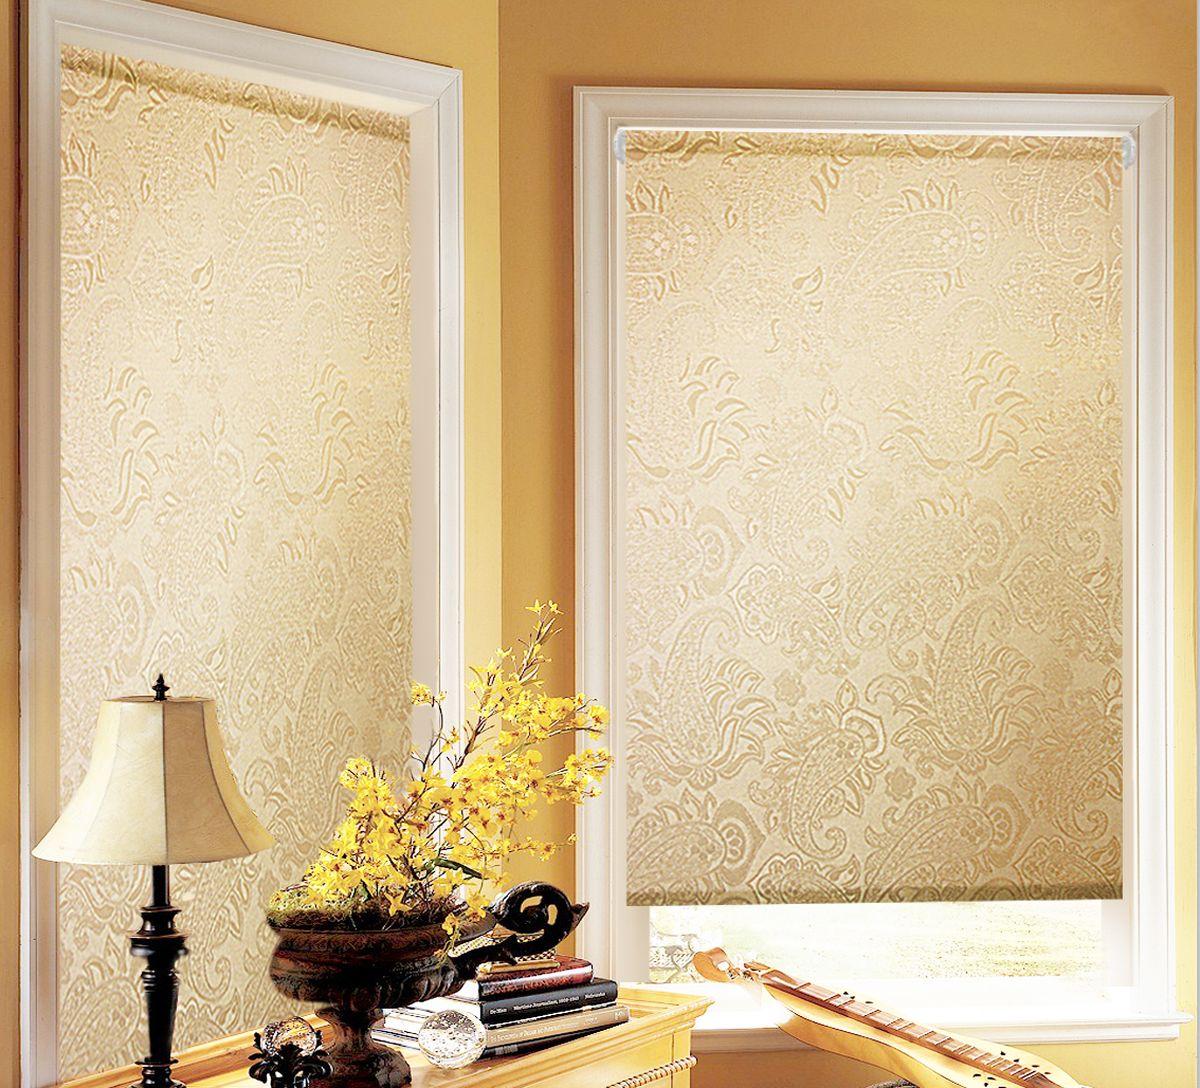 Штора рулонная для балконной двери Эскар Миниролло. Арабеска, фактурная, цвет: капучино, ширина 52 см, высота 215 смS03301004Рулонная штора Эскар Миниролло. Арабеска выполнена из высокопрочной ткани, которая сохраняет свой размер даже при намокании. Ткань не выцветает и обладает отличной цветоустойчивостью.Миниролло - это подвид рулонных штор, который закрывает не весь оконный проем, а непосредственно само стекло. Такие шторы крепятся на раму без сверления при помощи зажимов или клейкой двухсторонней ленты. Окно остается на гарантии, благодаря монтажу без сверления. Такая штора станет прекрасным элементом декора окна и гармонично впишется в интерьер любого помещения.